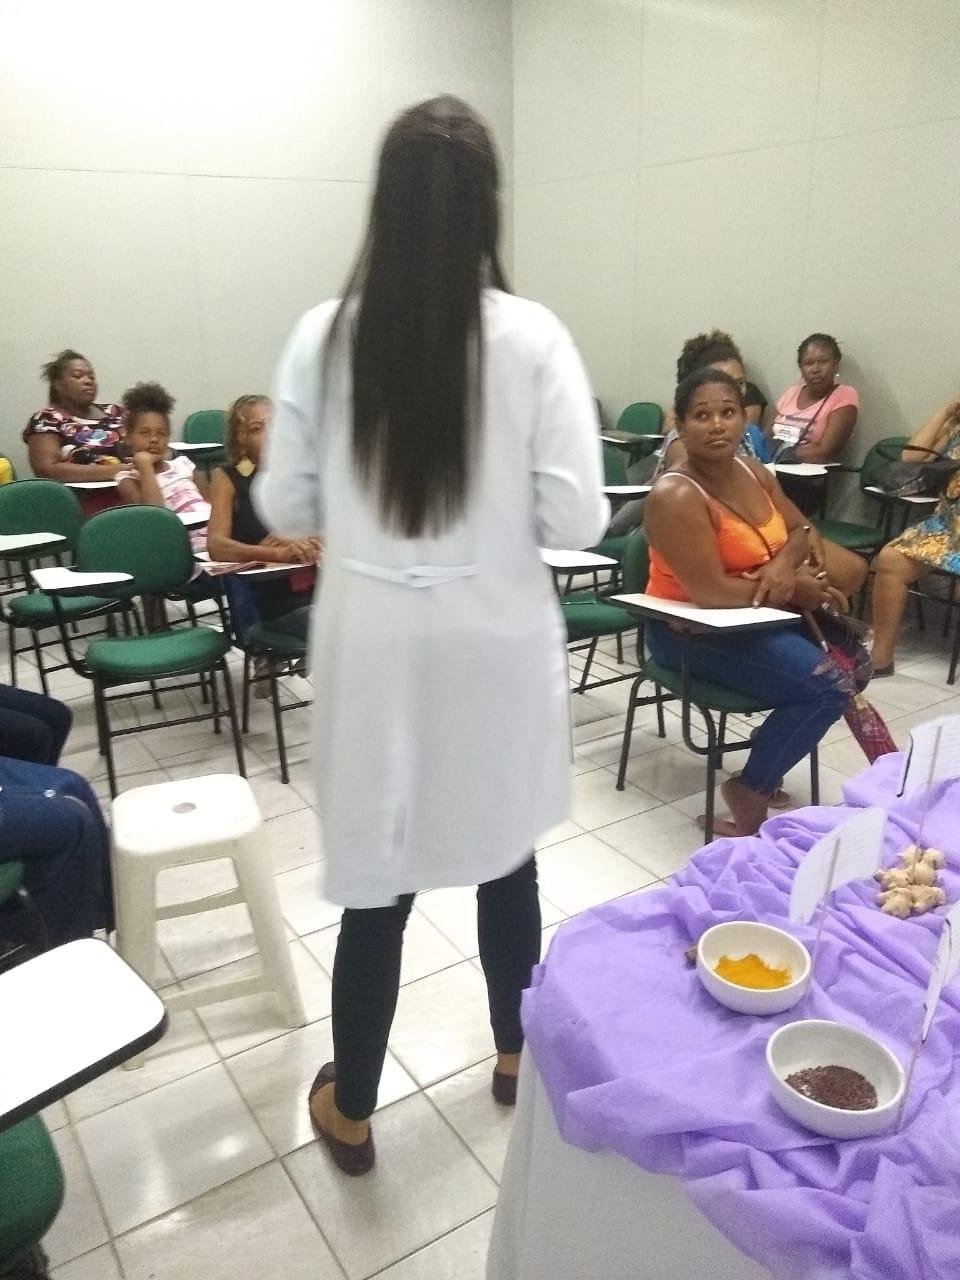 Prefeitura de Lauro de Freitas realiza exposição de alimentos funcionais de combate e prevenção ao câncer no Bolsa Família